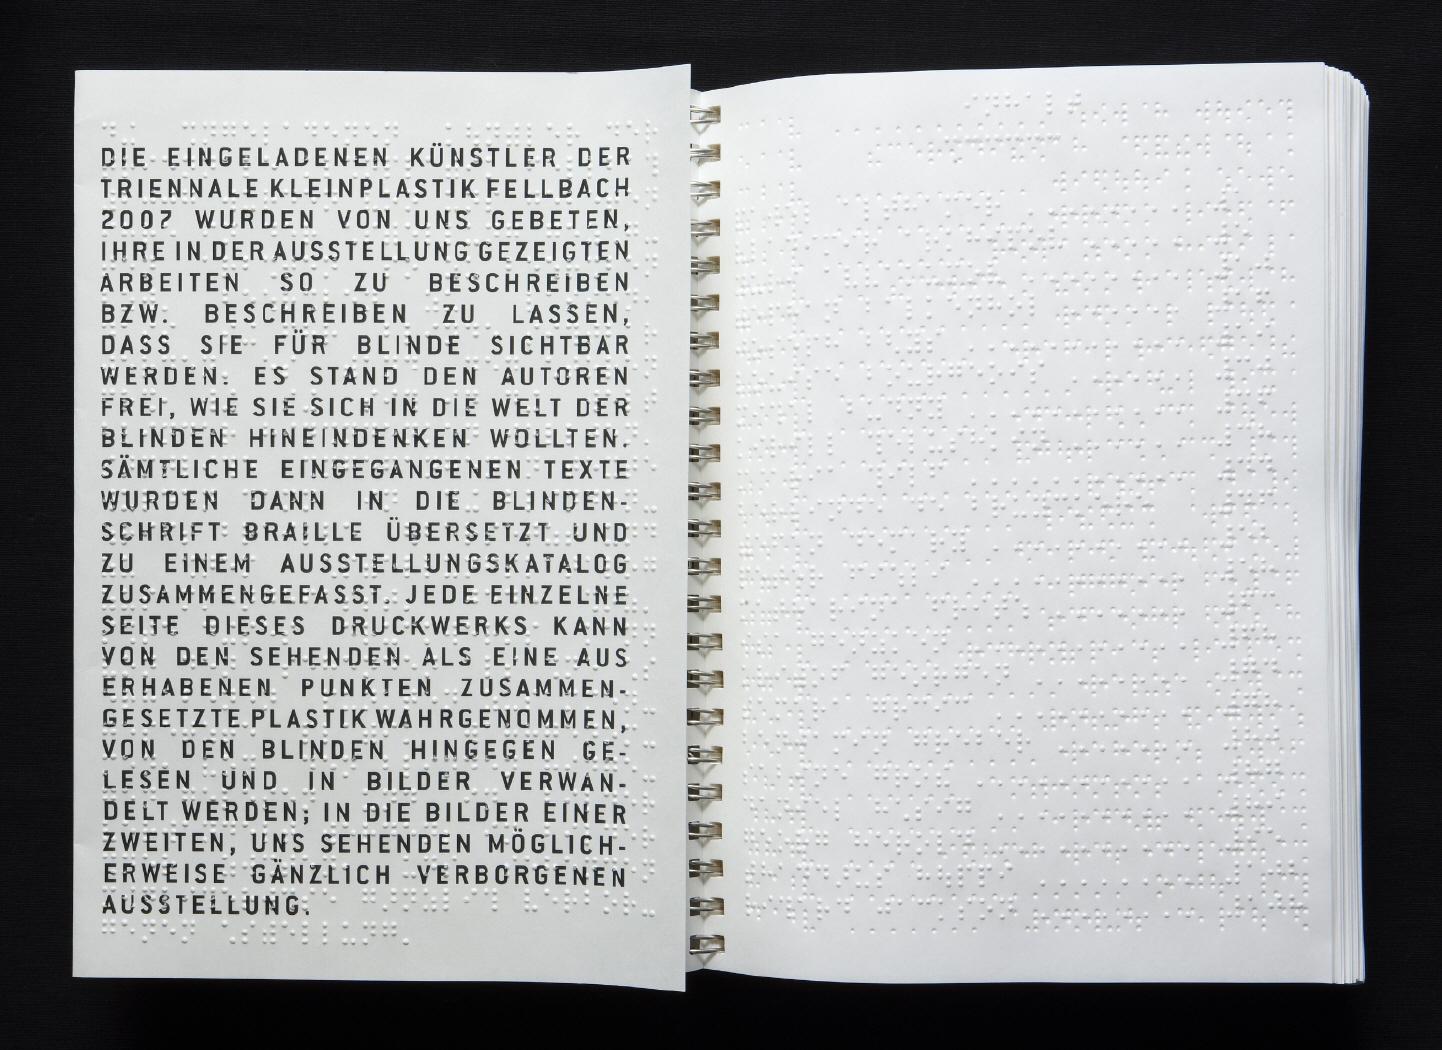 Imagen de la portada interior del libro